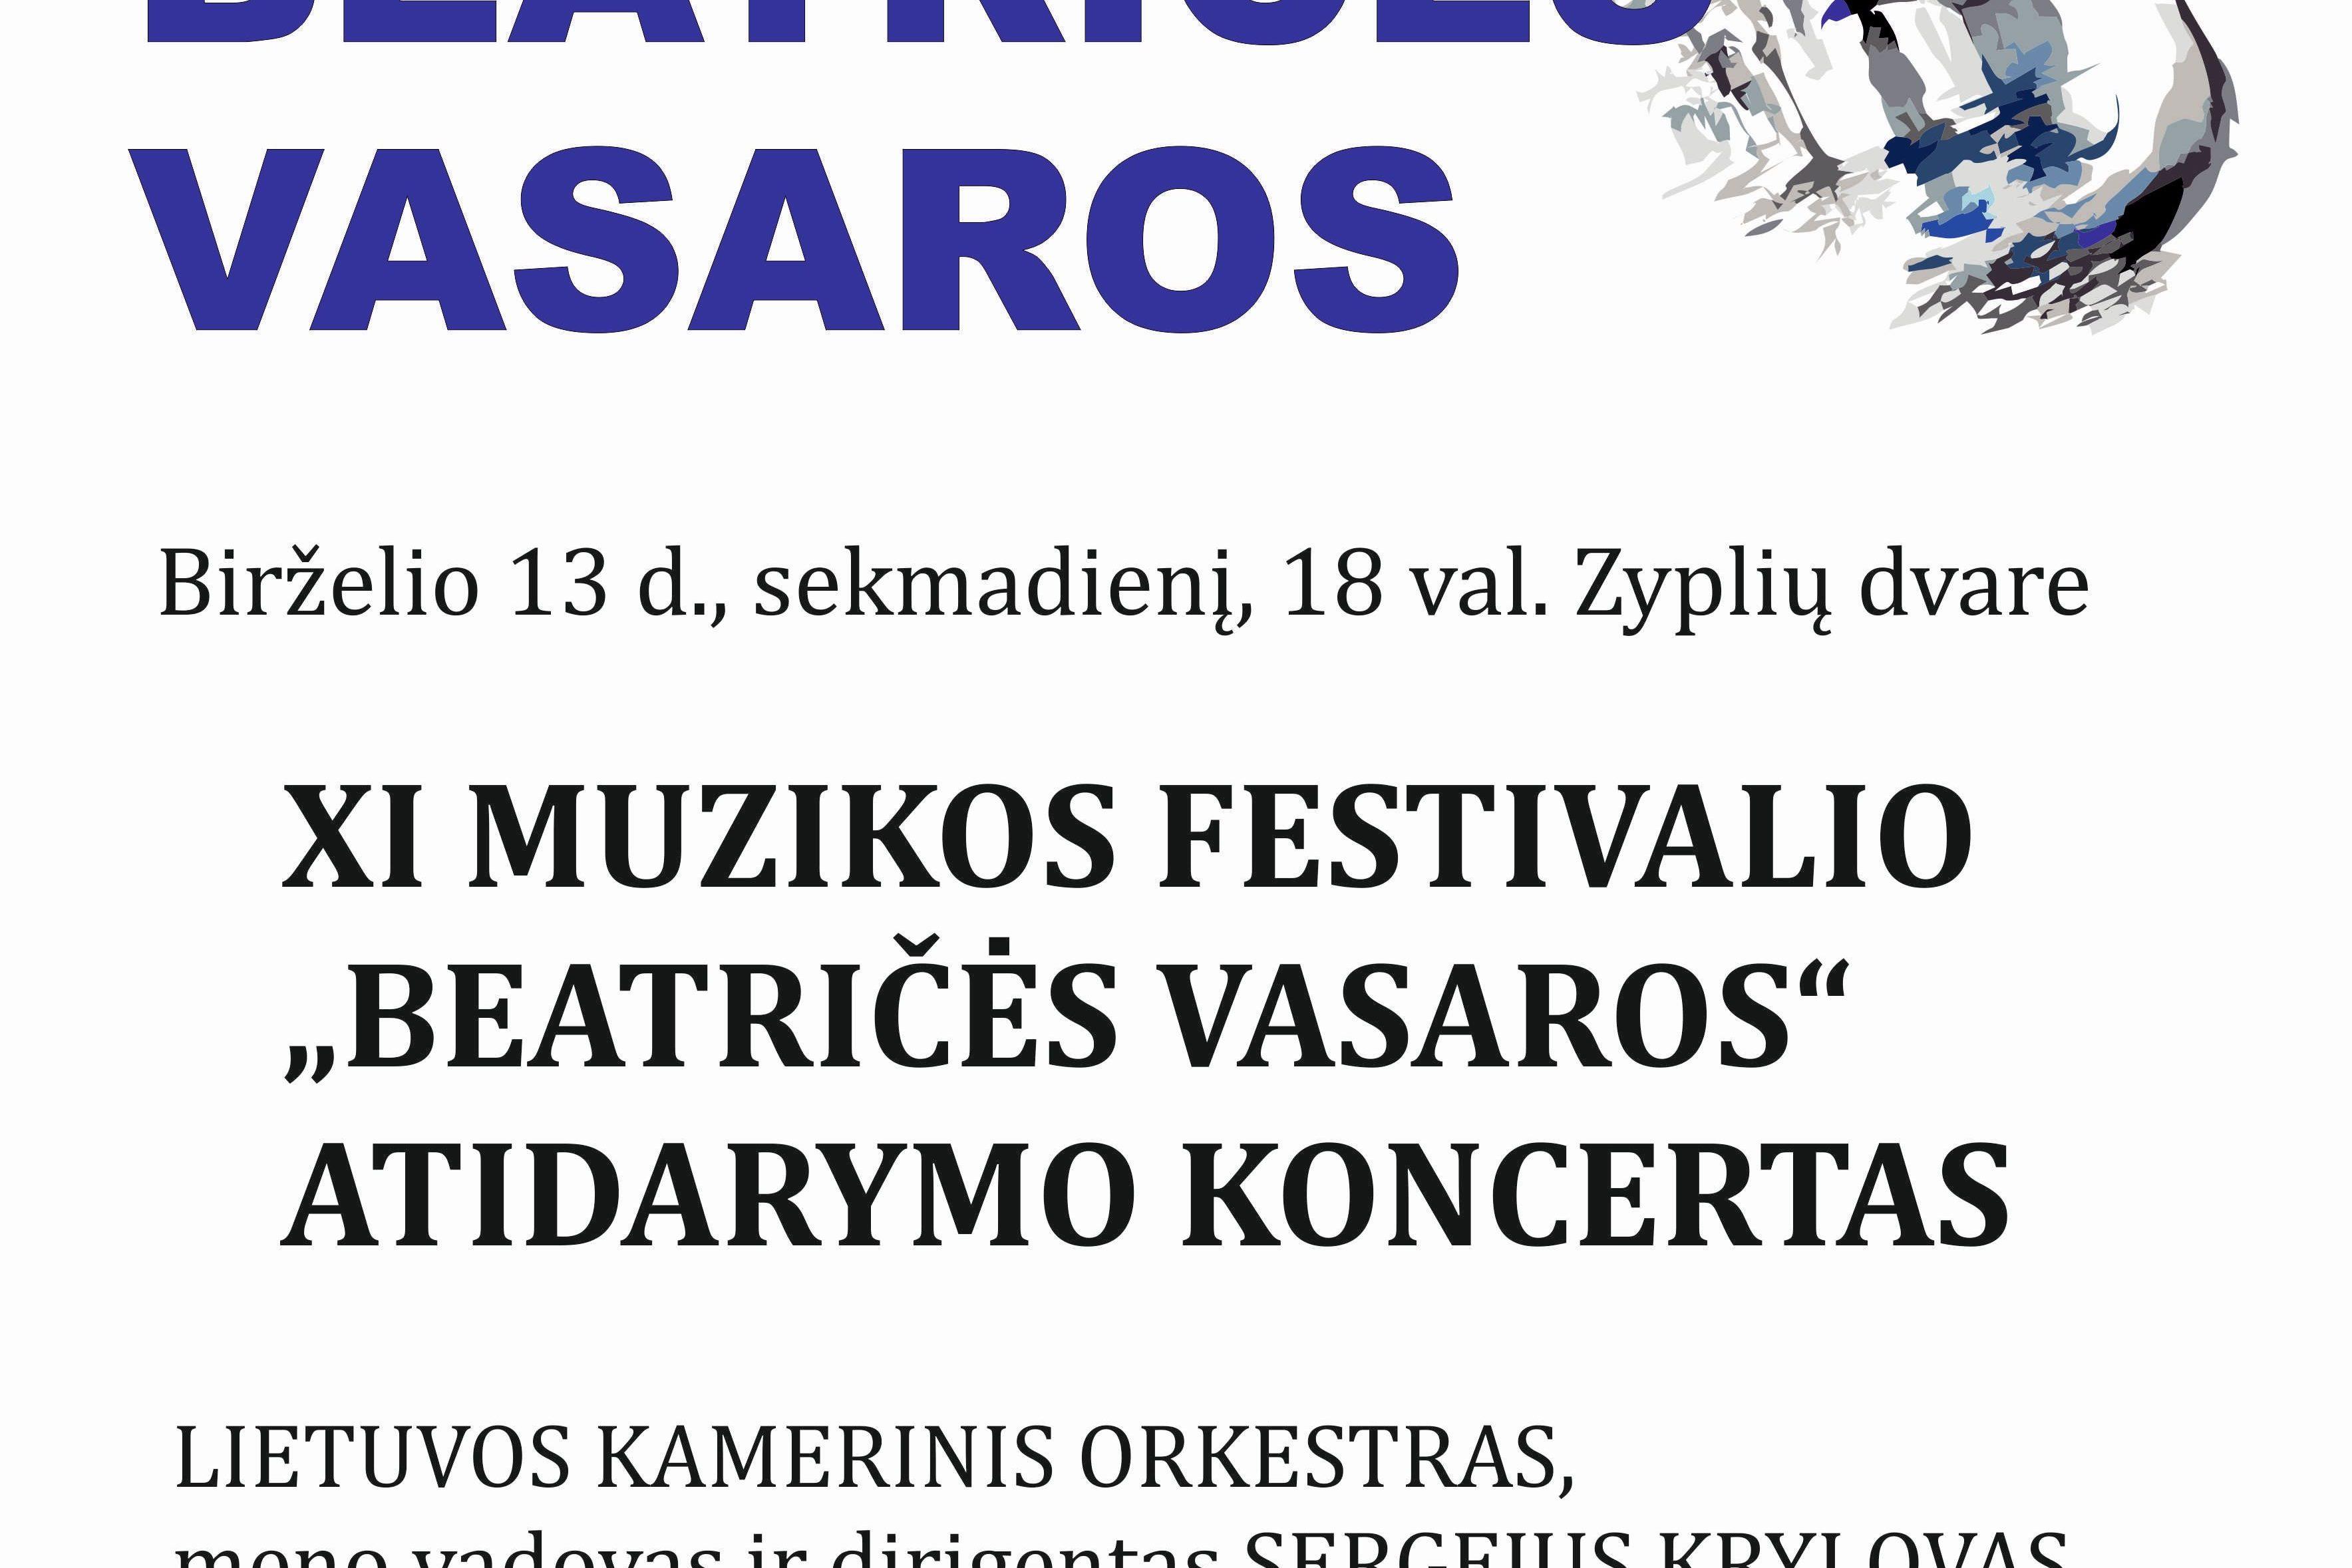 """XI MUZIKOS FESTIVALIO """"BEATRIČĖS VASAROS"""" ATIDARYMO KONCERTAS."""